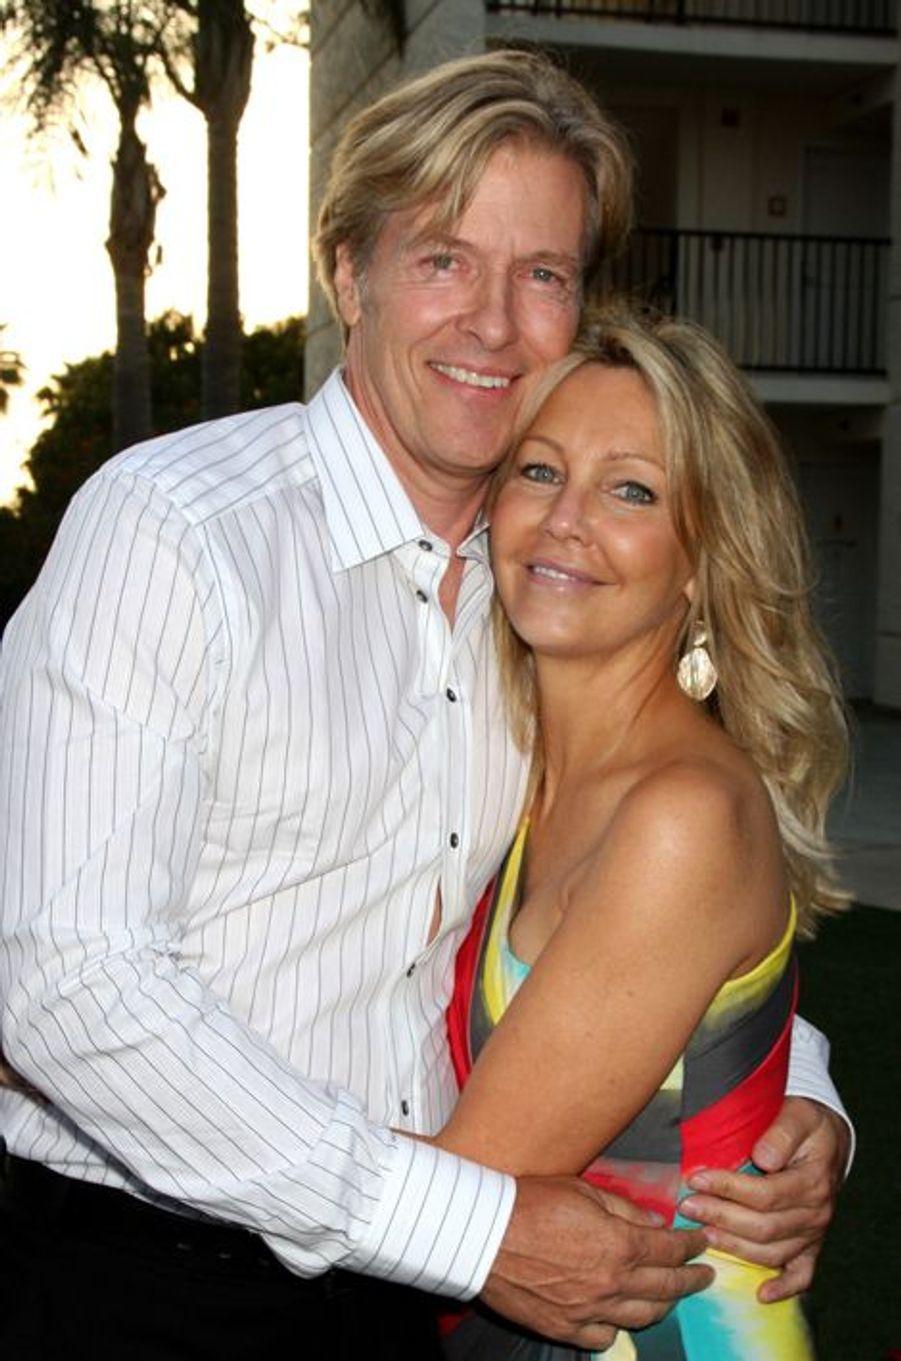 Les deux vedettes des années 90, qui interprétaient respectivement Amanda Woodward et Peter Burns dans la série «Melrose Place», sont également partenaires dans la vraie vie. En couple depuis 2007, les comédiens s'étaient fiancés en 2011 mais avaient finalement décidé d'annuler leurs plans en novembre de la même année. Ils sont toujours en couple.